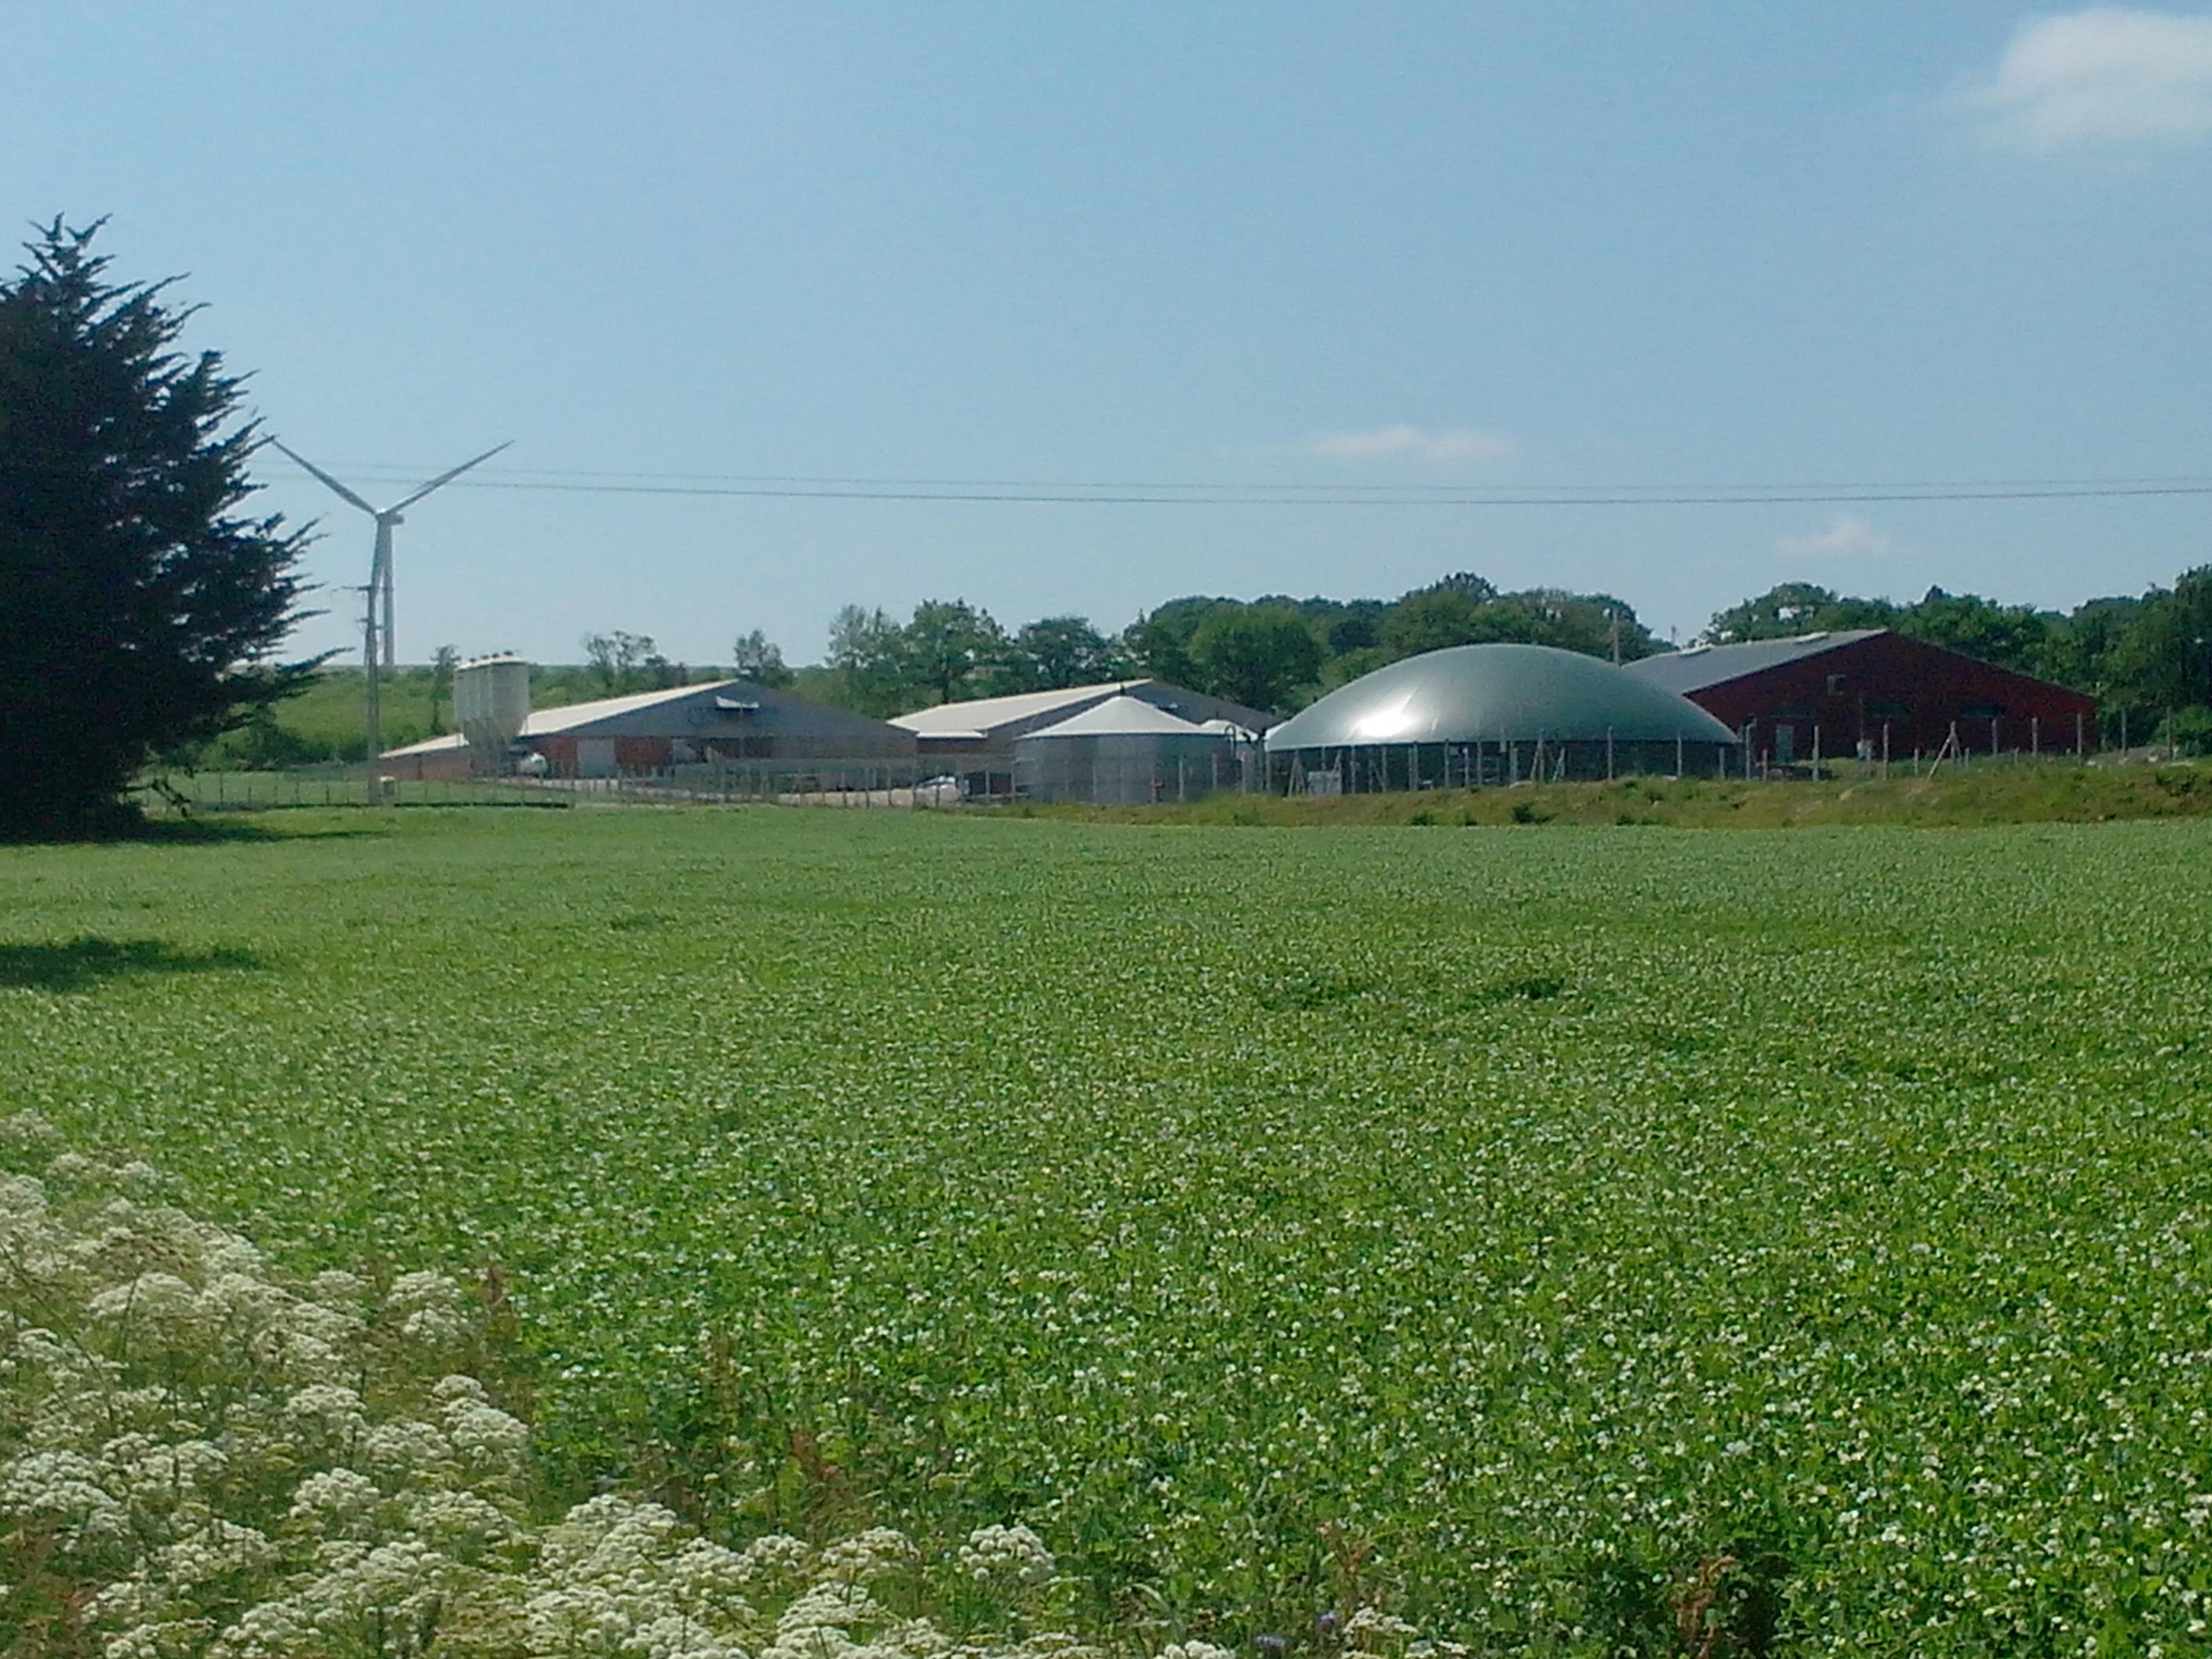 Unité de méthanisation de Sensienergies, Morbihan, Saint Nicolas du Tertre, puissance installée : 527kWél. Capacité de traitement: 14965 tonnes de déchets par an (source Evergaz)